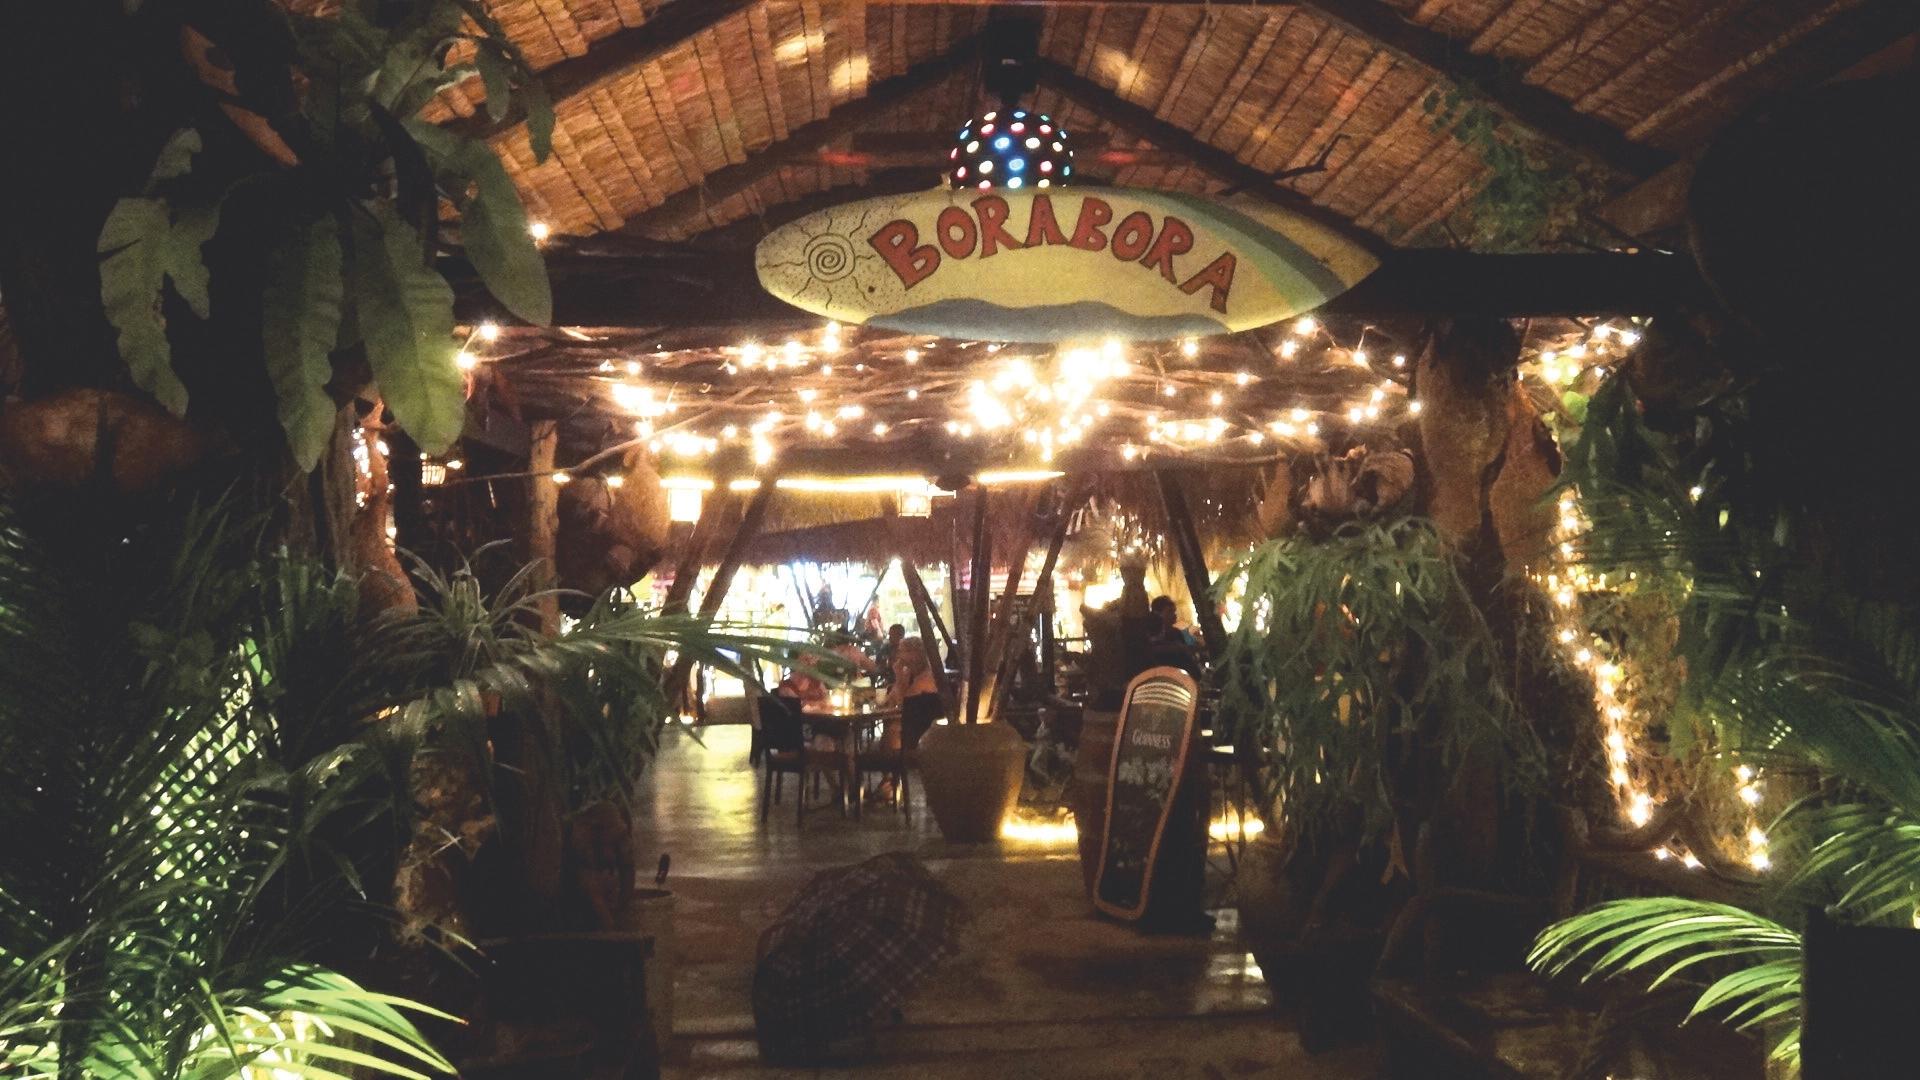 Bora Bora Nightlife In Batu Ferringhi Penang